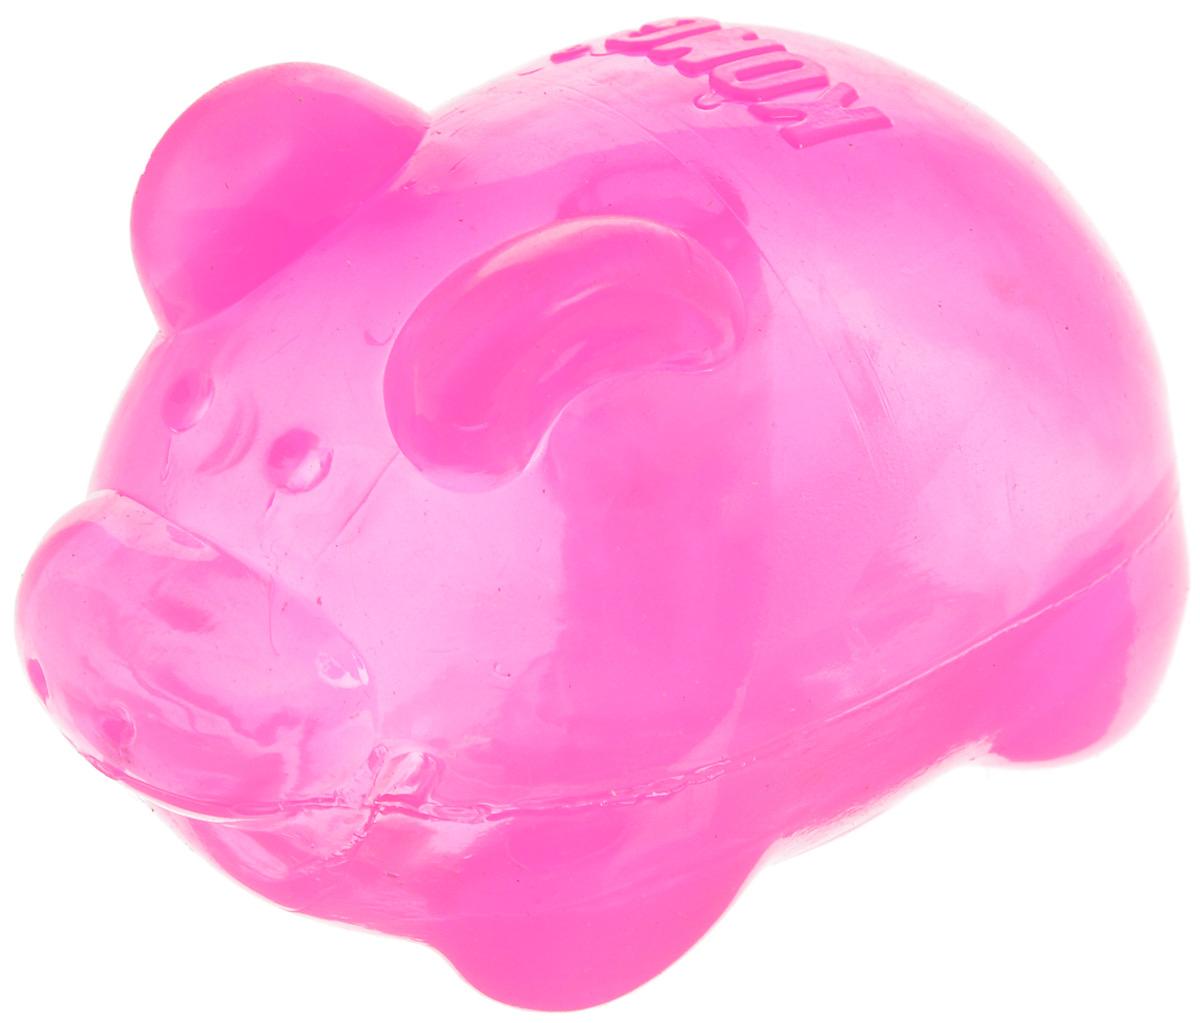 Игрушка для собак Kong . Свинья, средняя, с пищалкой, цвет: розовый, высота 7 смPSJ2AE_РозовыйИгрушка Kong Свинья, выполненная из прочной синтетической резины, оснащена пищалкой. Изделие станет идеальным решением для четвероногих обладателей крепких зубов и мощных челюстей. Игрушка Kong Свинья не тонет в воде и отлично подойдет для активной игры. Размеры игрушки: 7 х 4,5 х 4,5 см.